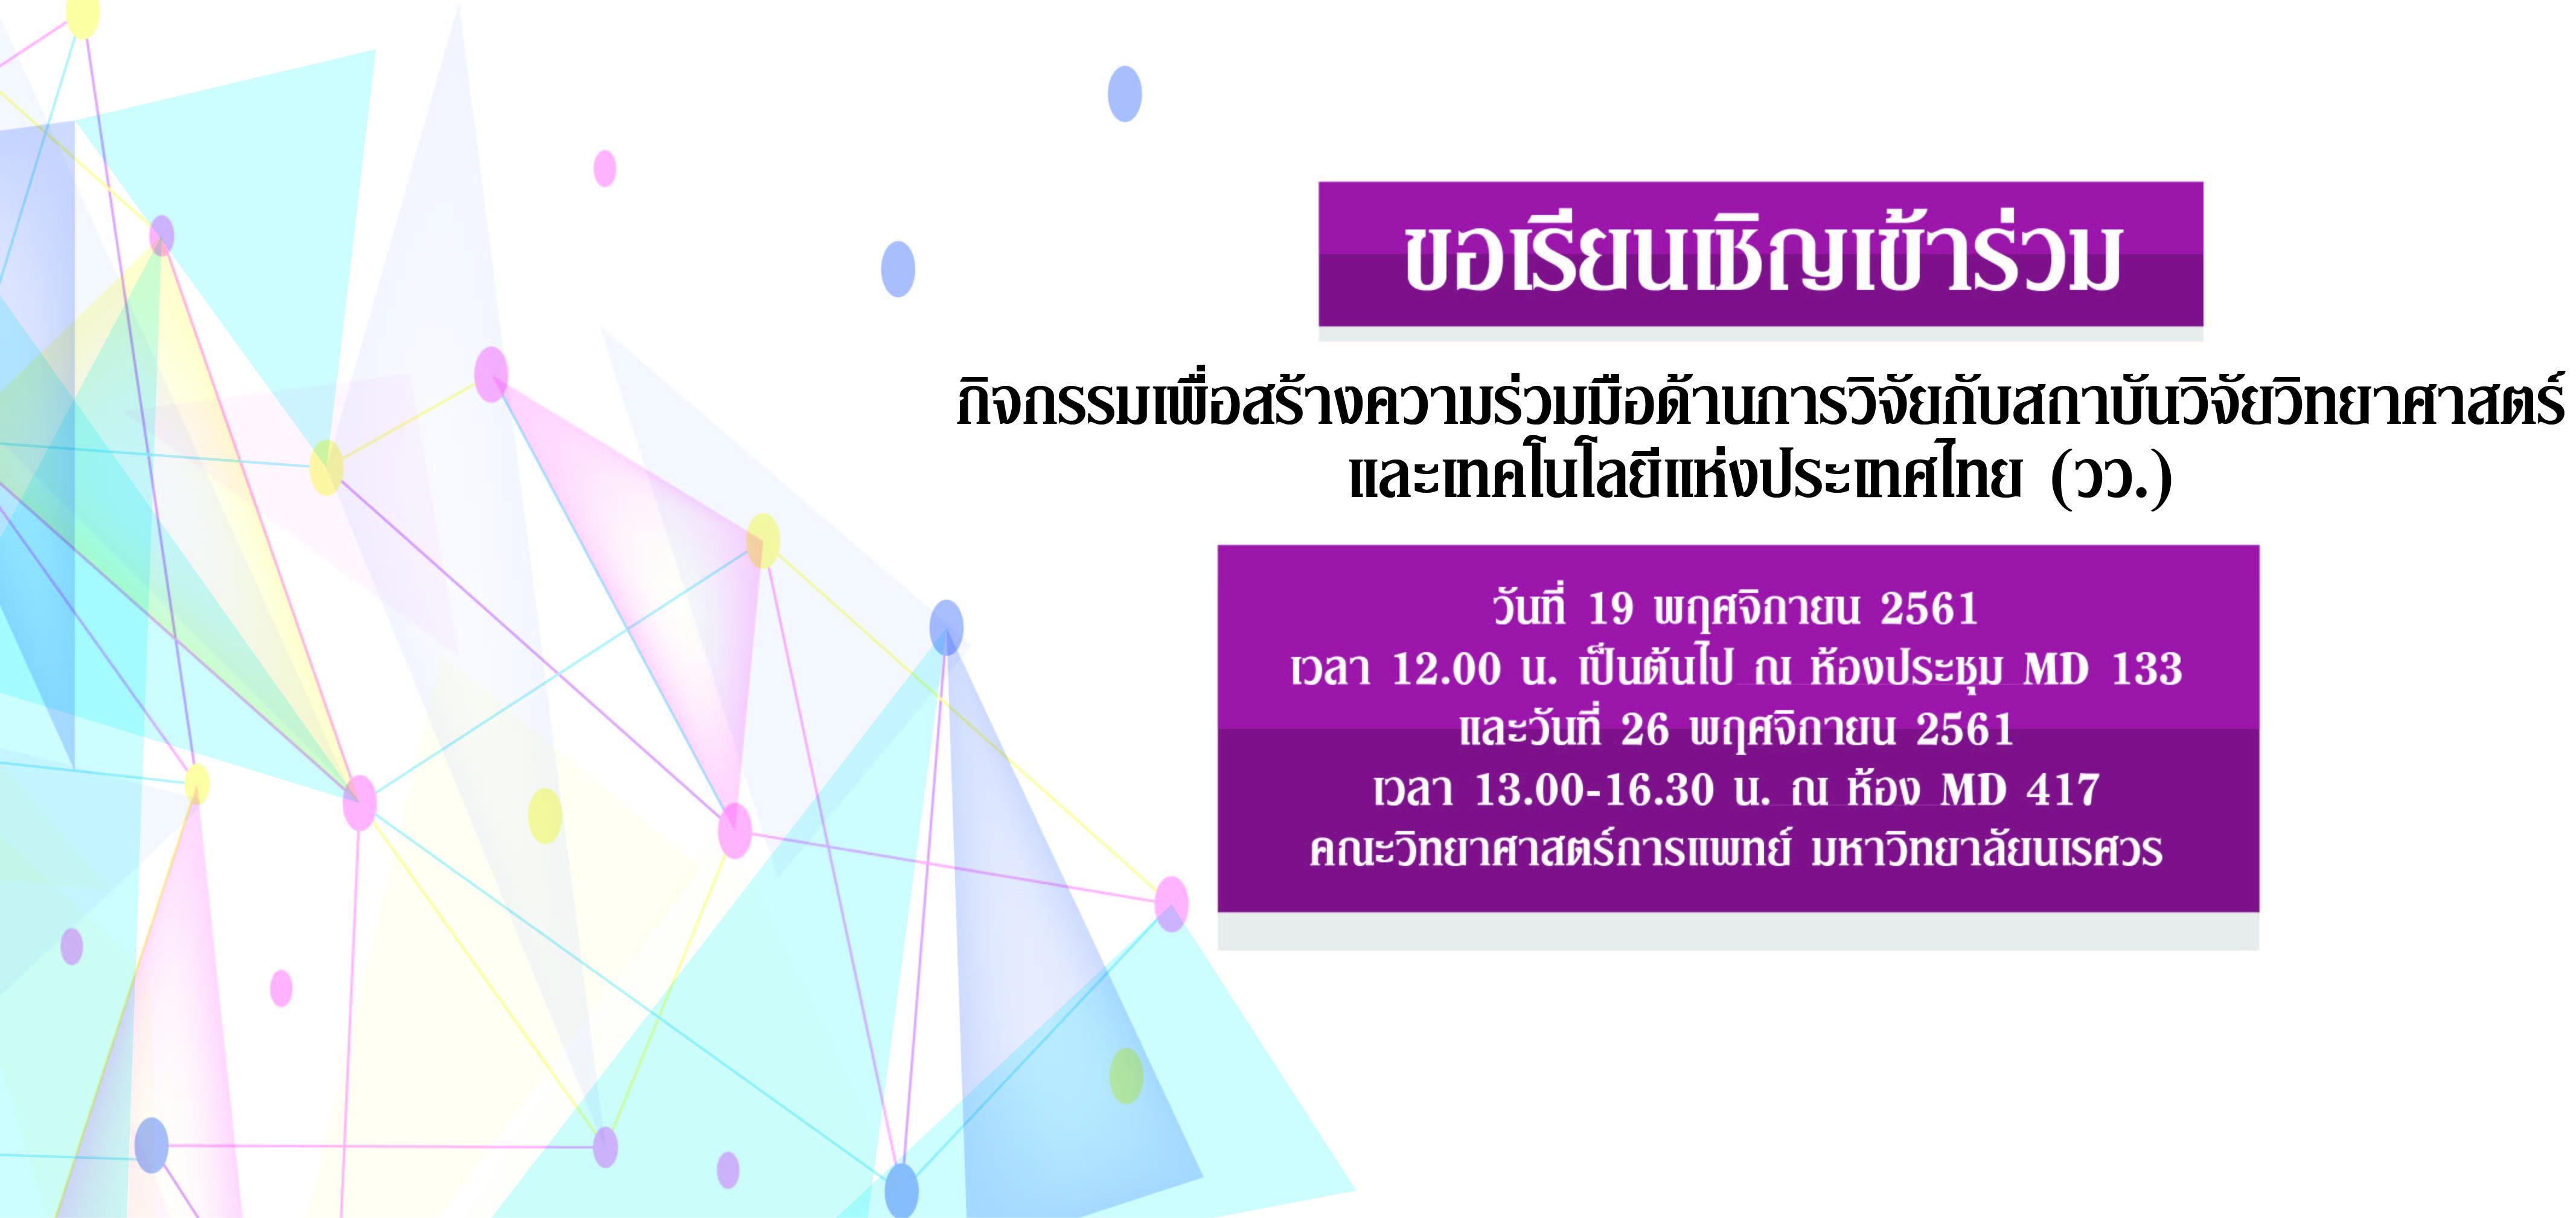 ขอเรียนเชิญเข้าร่วม กิจกรรมเพื่อสร้างความร่วมมือด้านการวิจัยกับสถาบันวิจัยวิทยาศาสตร์และเทคโนโลยีแห่งประเทศไทย (วว.) ในวันที่ 19 พฤศจิกายน 2561